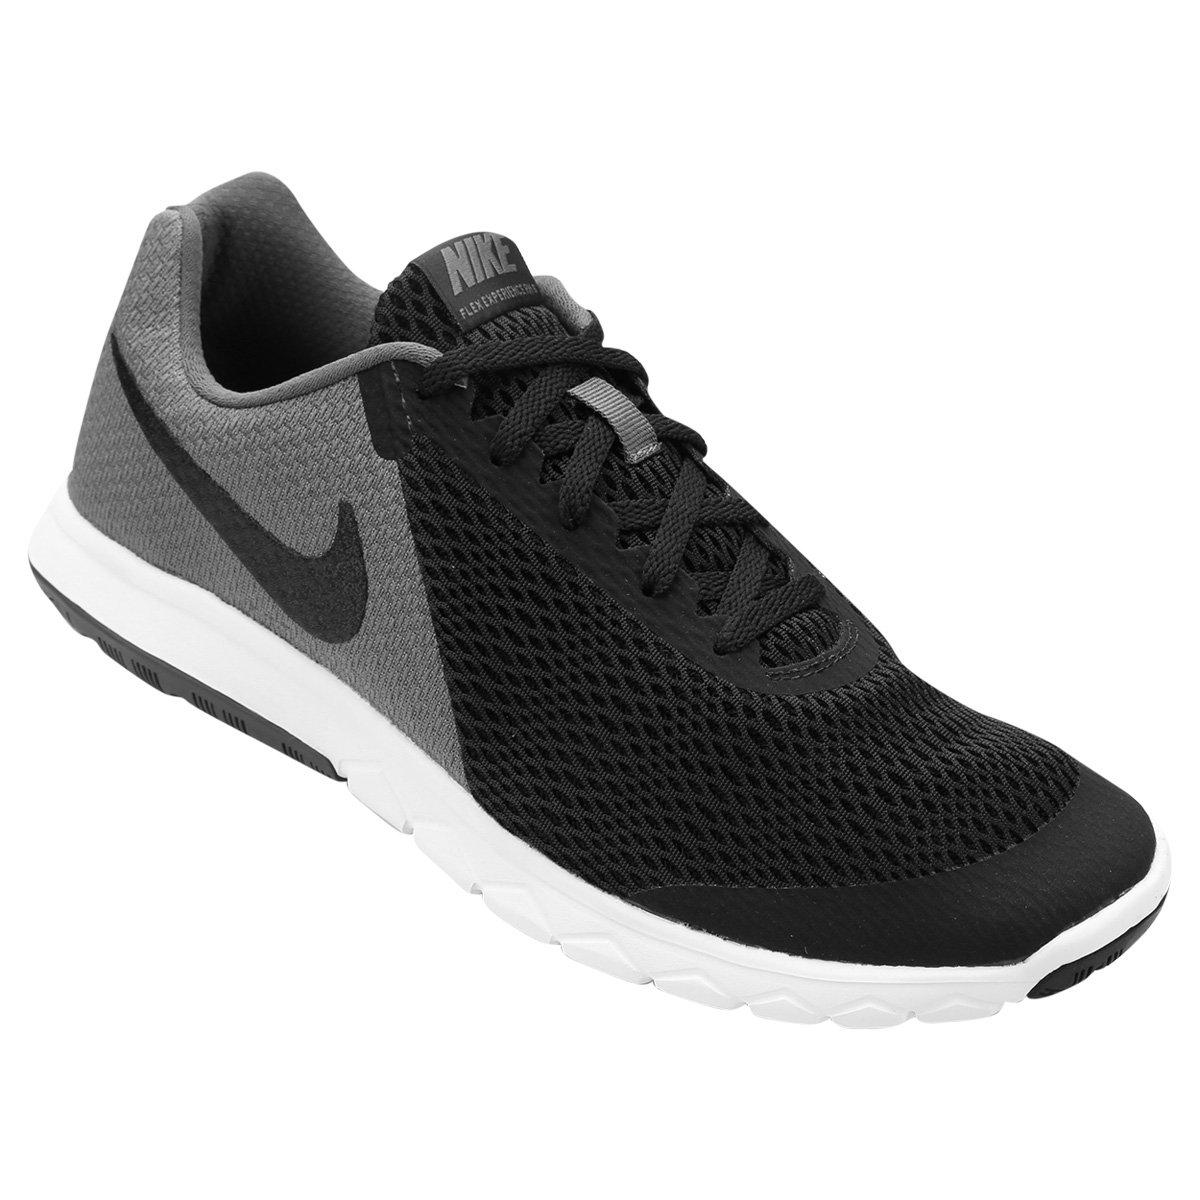 agujas del reloj Soberano A la meditación  Tênis Nike Flex Experience Rn 6 Masculino   Netshoes